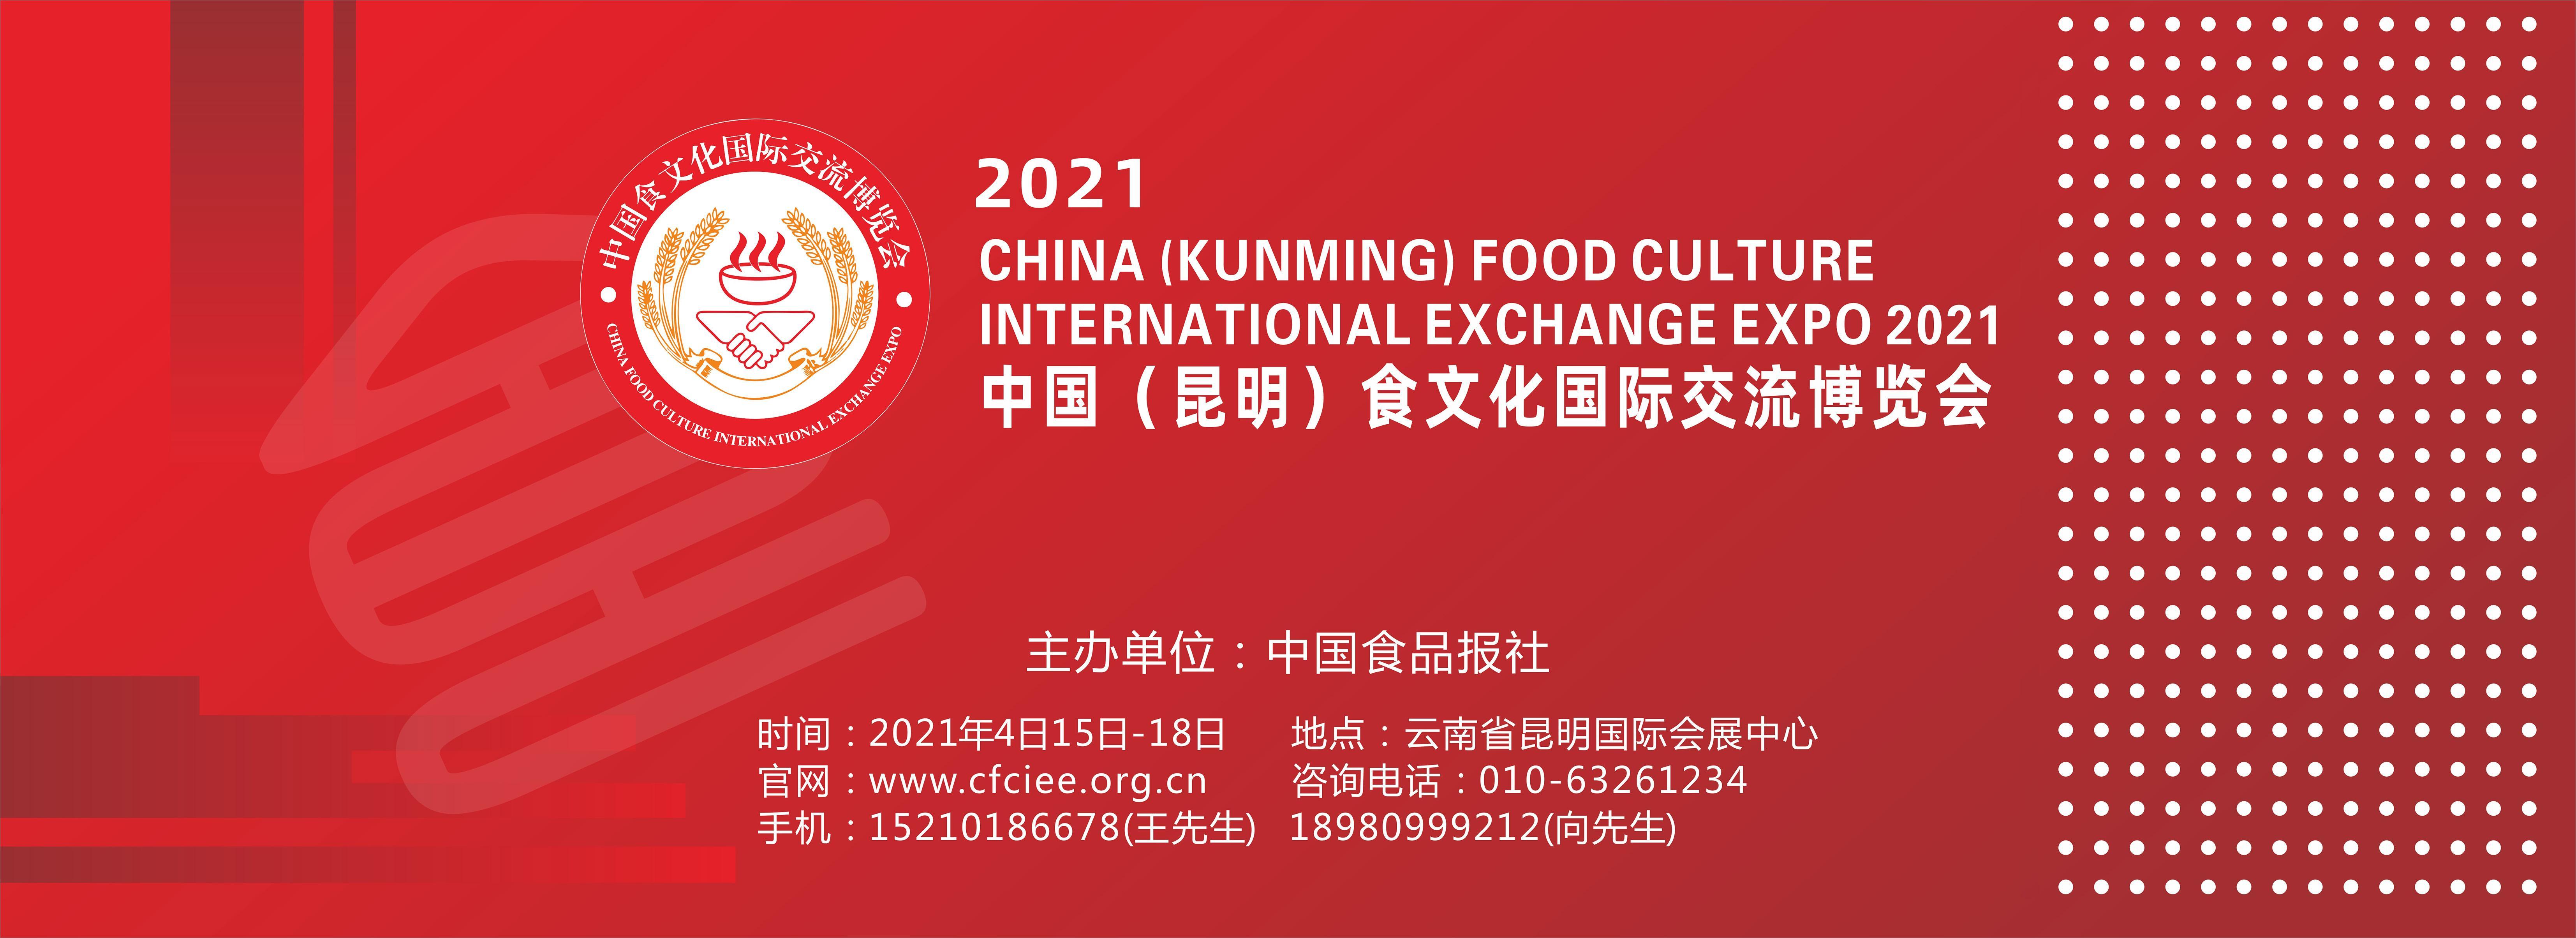 中国(昆明)食文化国际交流博览会